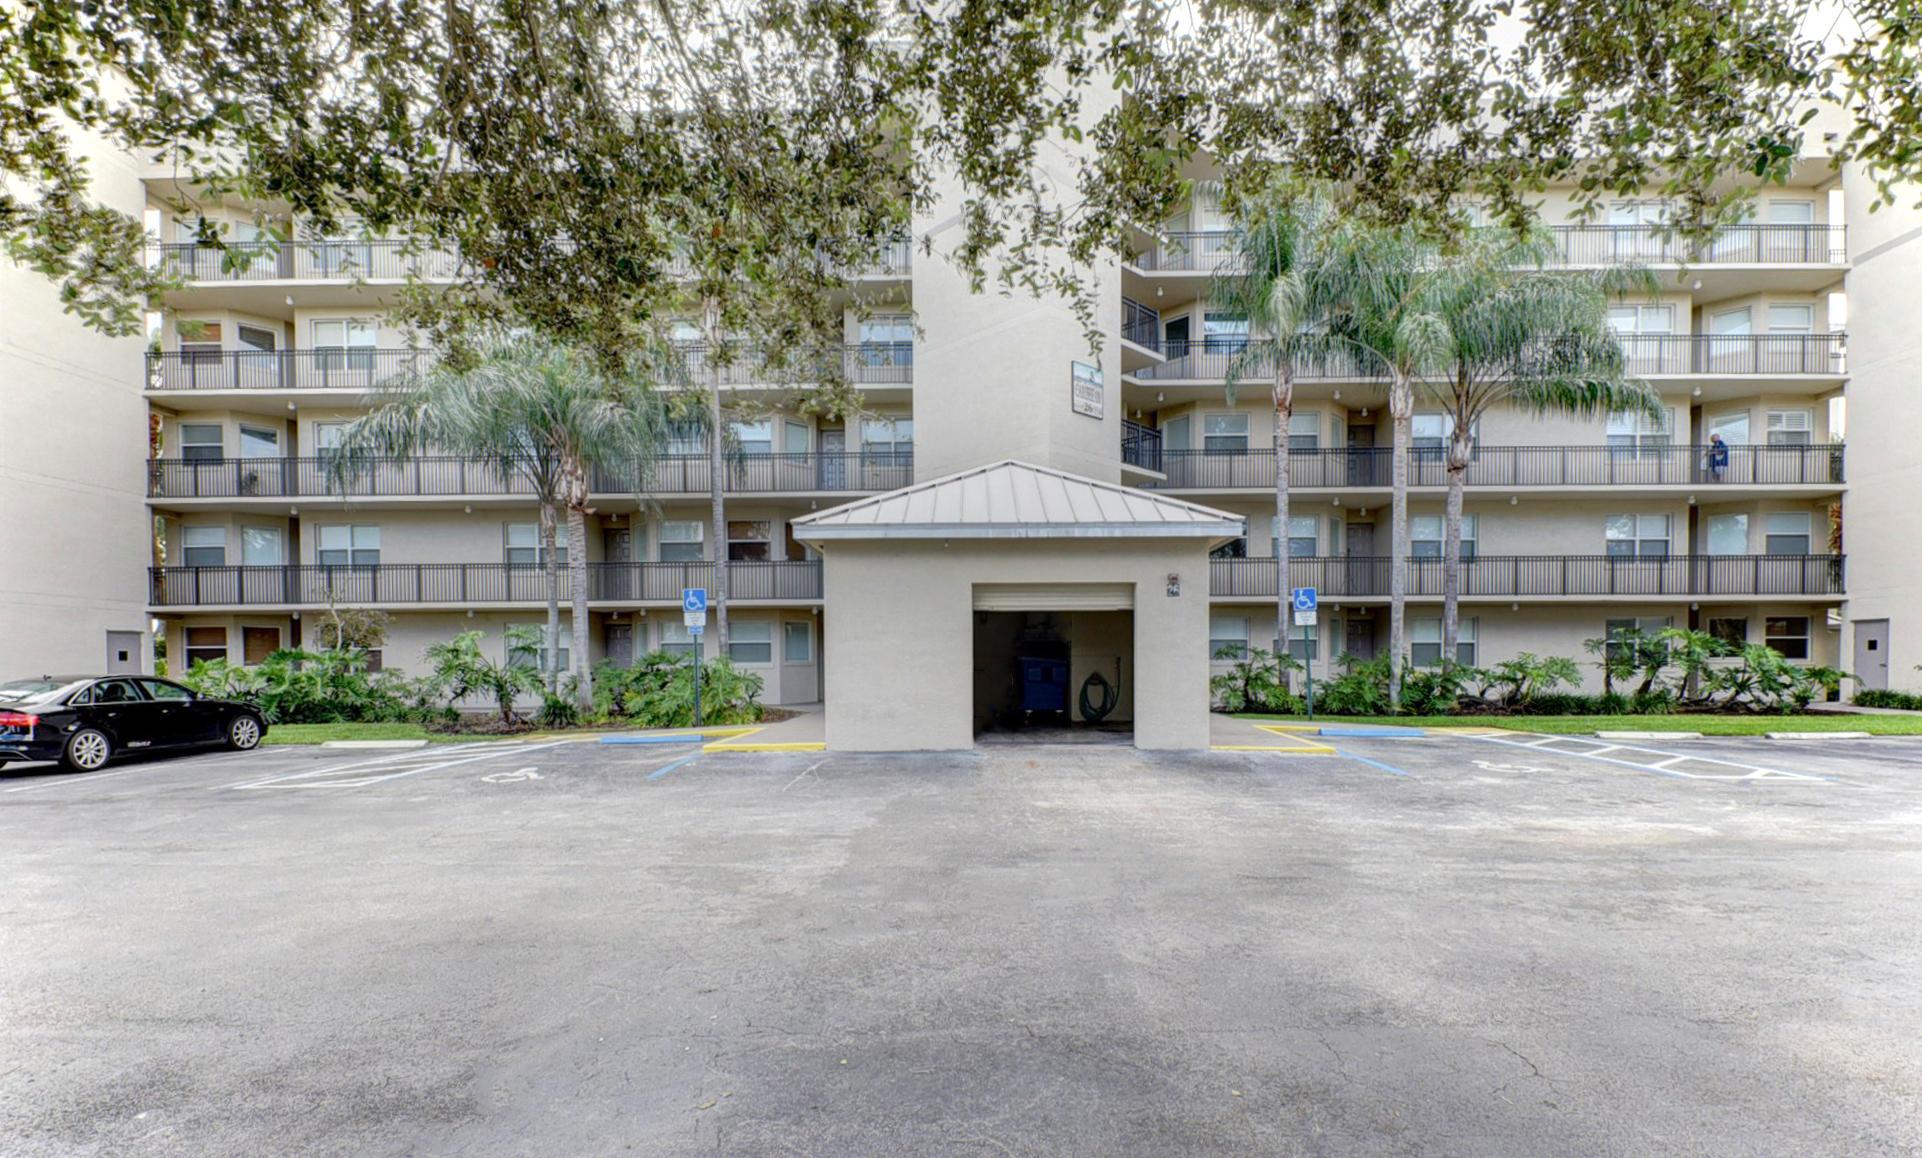 26 Royal Palm Way #404 Boca Raton, FL 33432